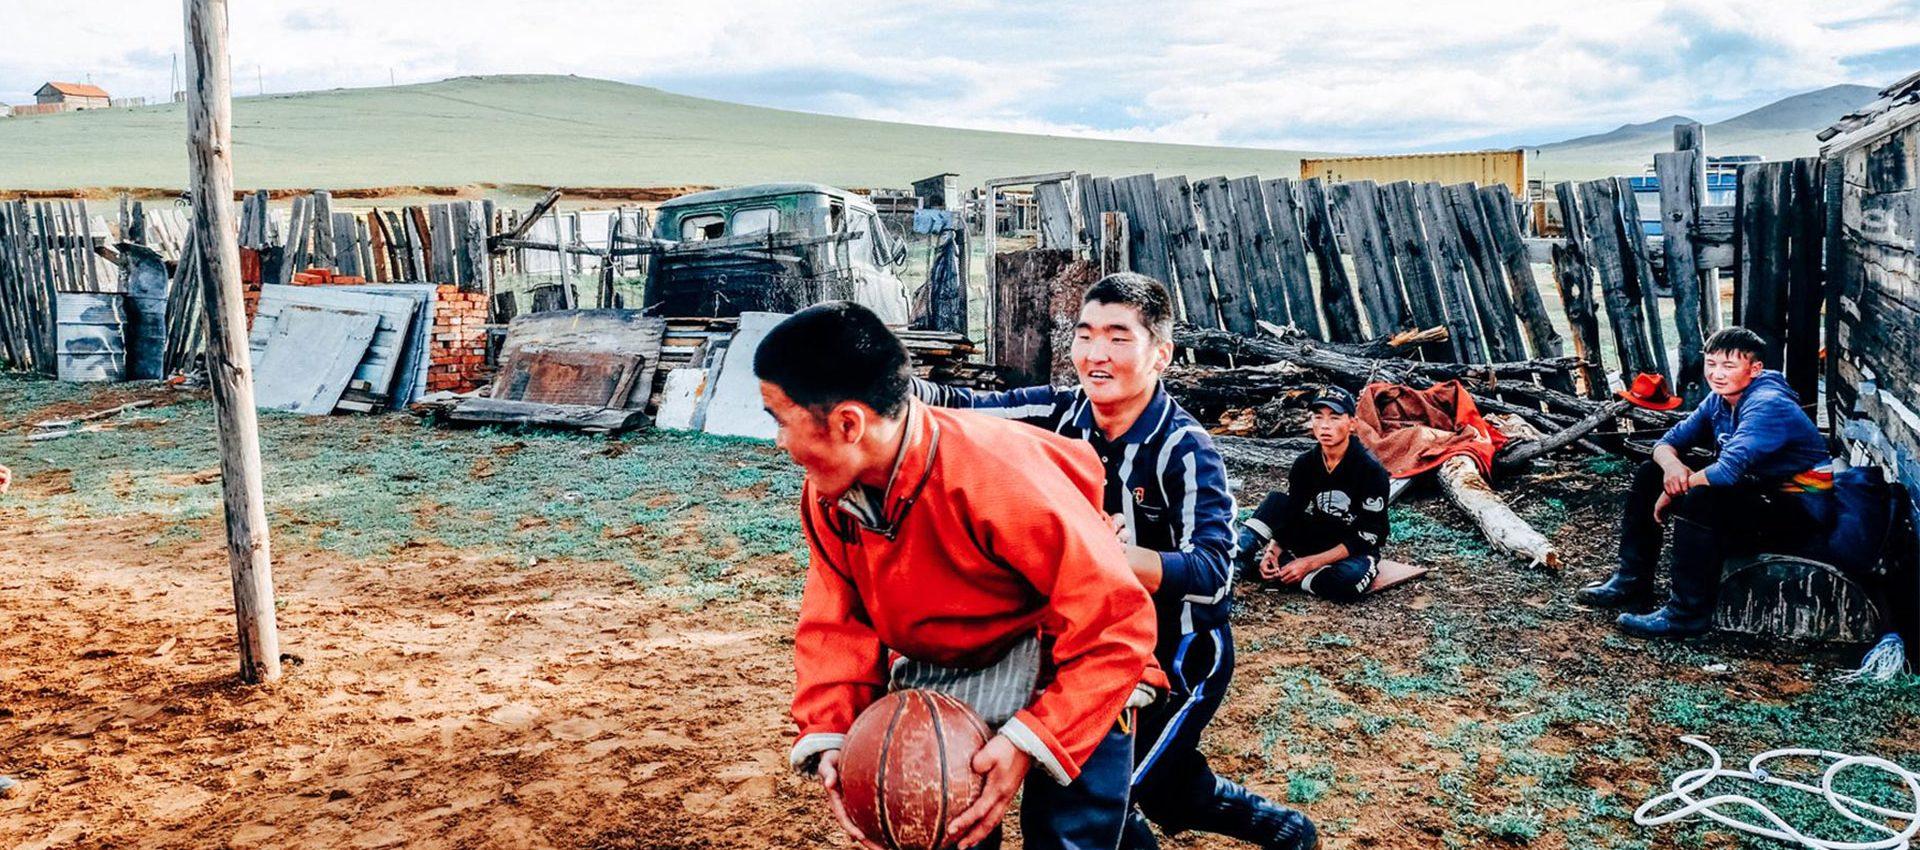 Nomadic style basketball game.